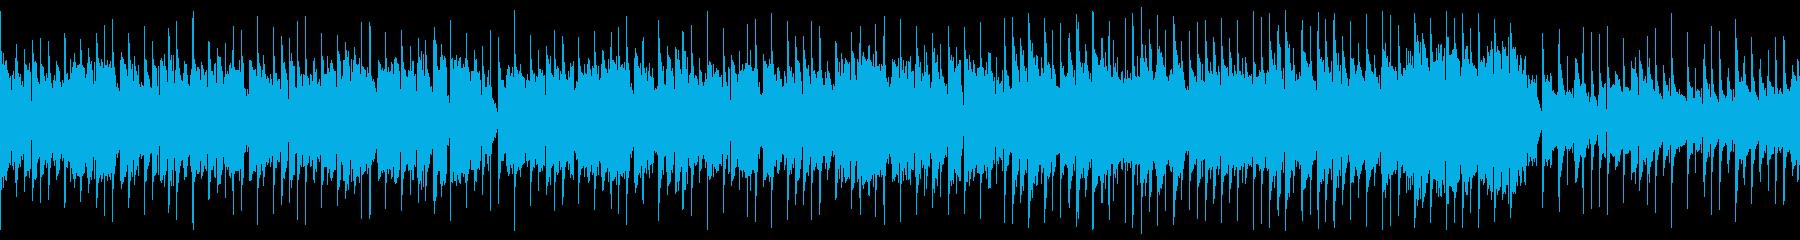 里山や晴天、清涼感ある和風ポップ(ループの再生済みの波形